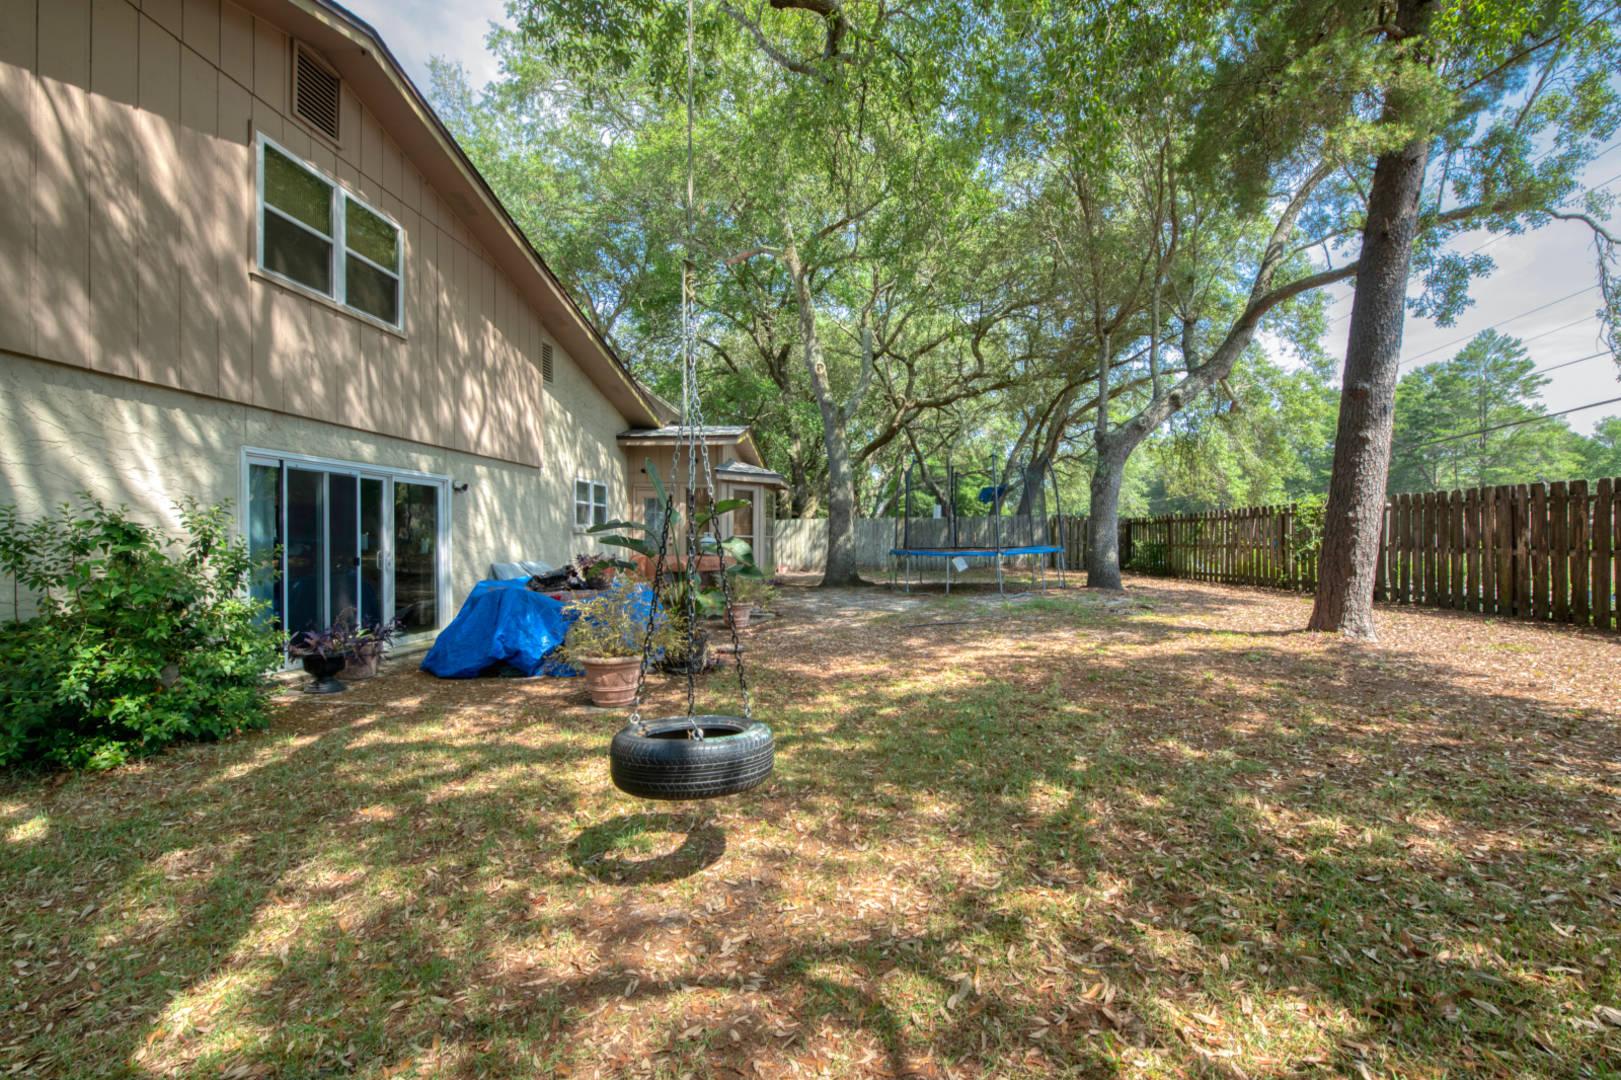 2461 Duncan Dr. Niceville, FL 32578